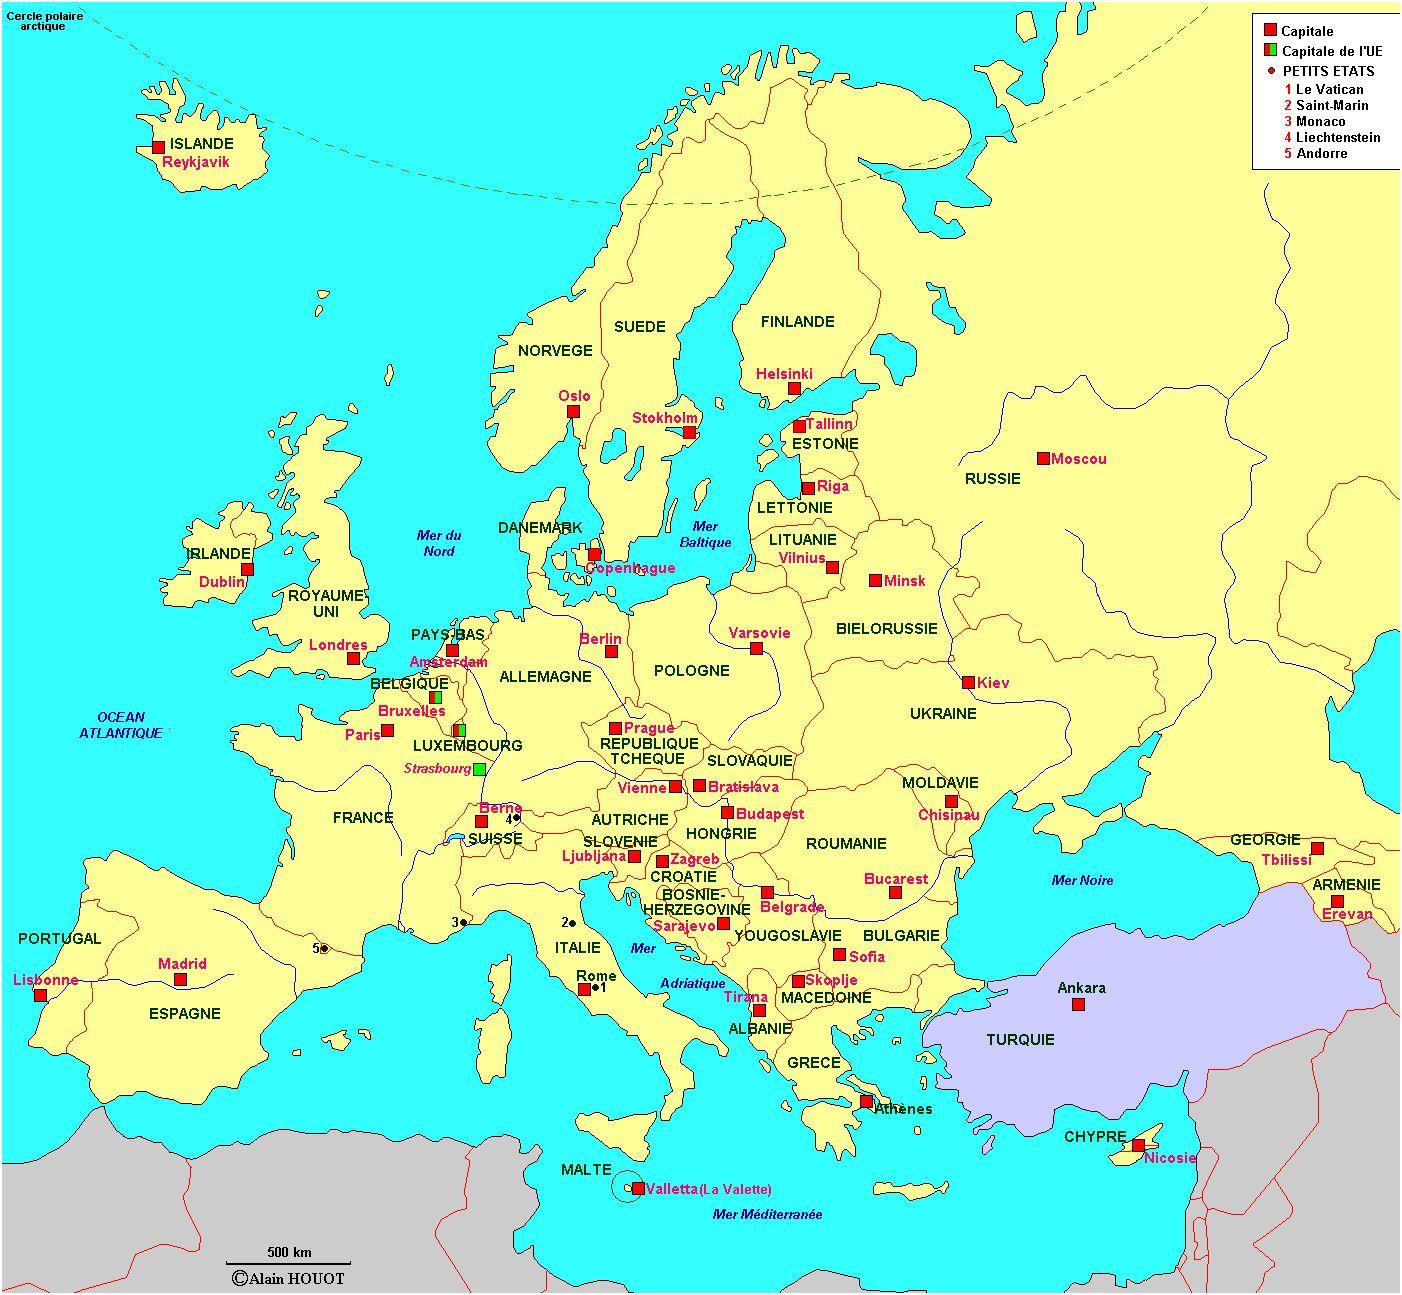 10 Excellent Carte Des Etats Unis Avec Les Capitales Images tout Carte Du Monde Avec Capitale